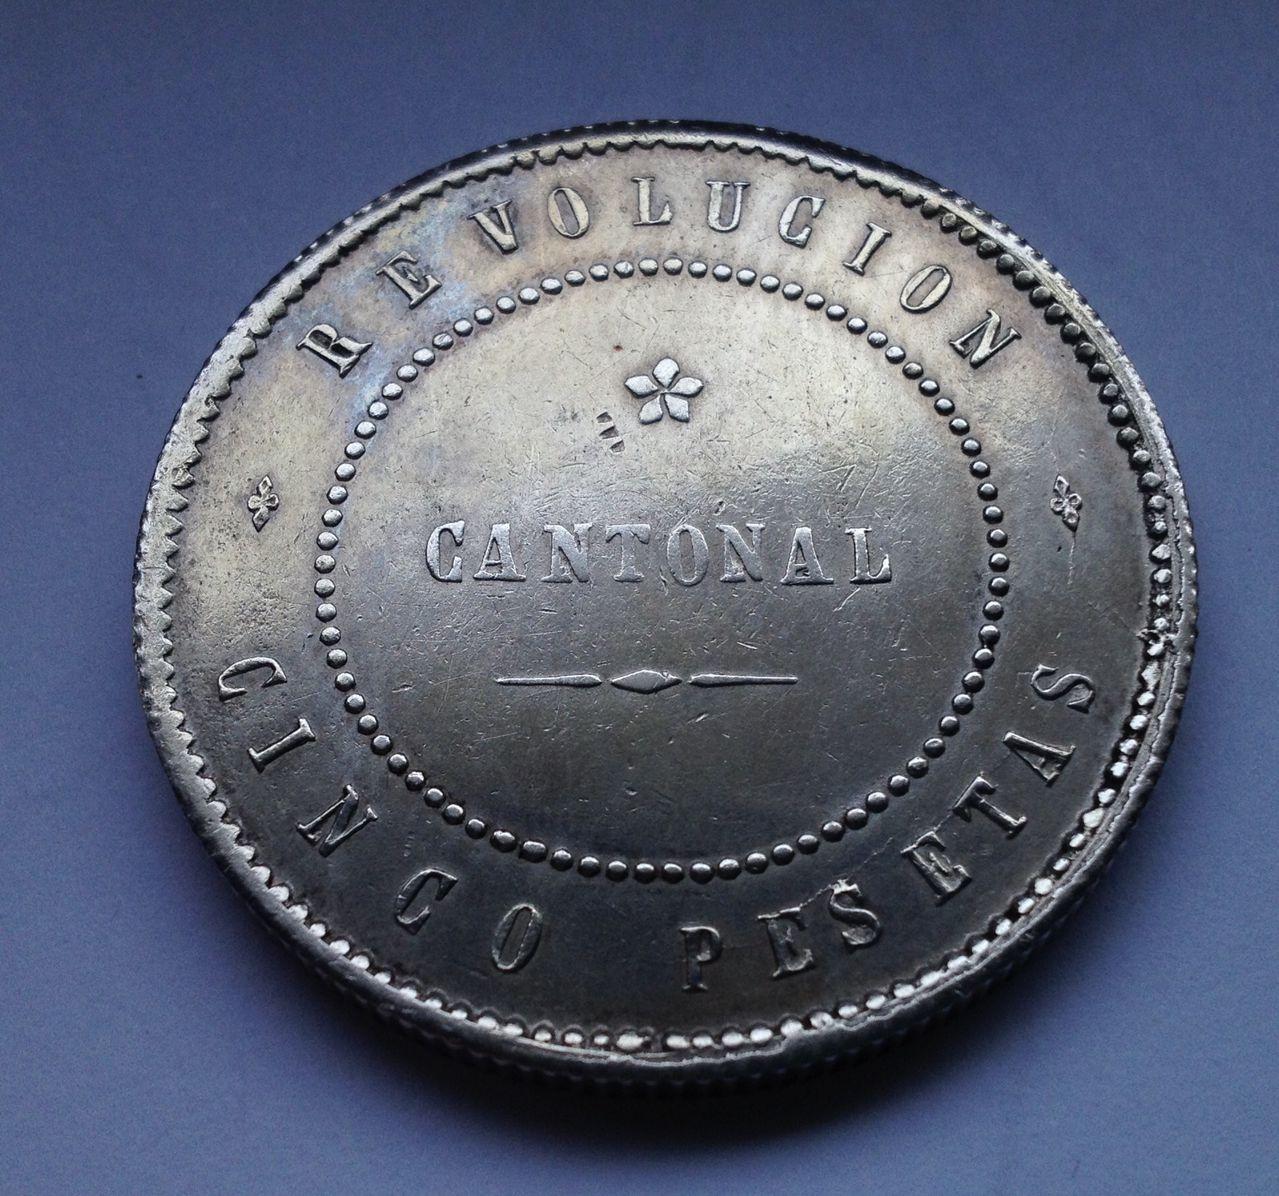 5 pesetas 1873 Revolución Cantonal Image